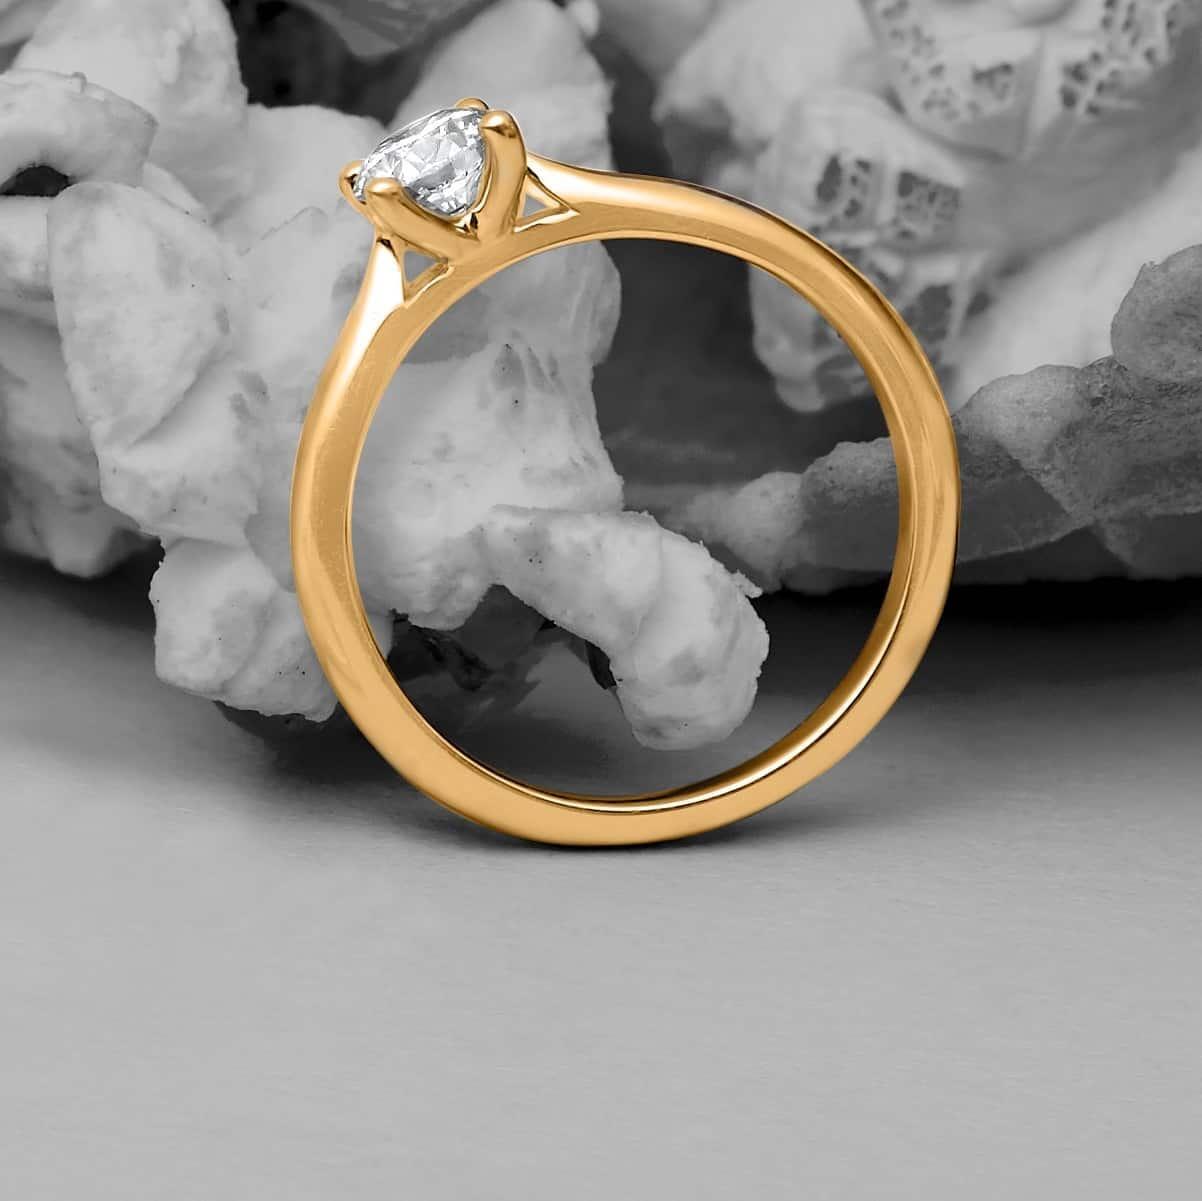 Verlobungsringe Nach Stil Einkaufen Breedia